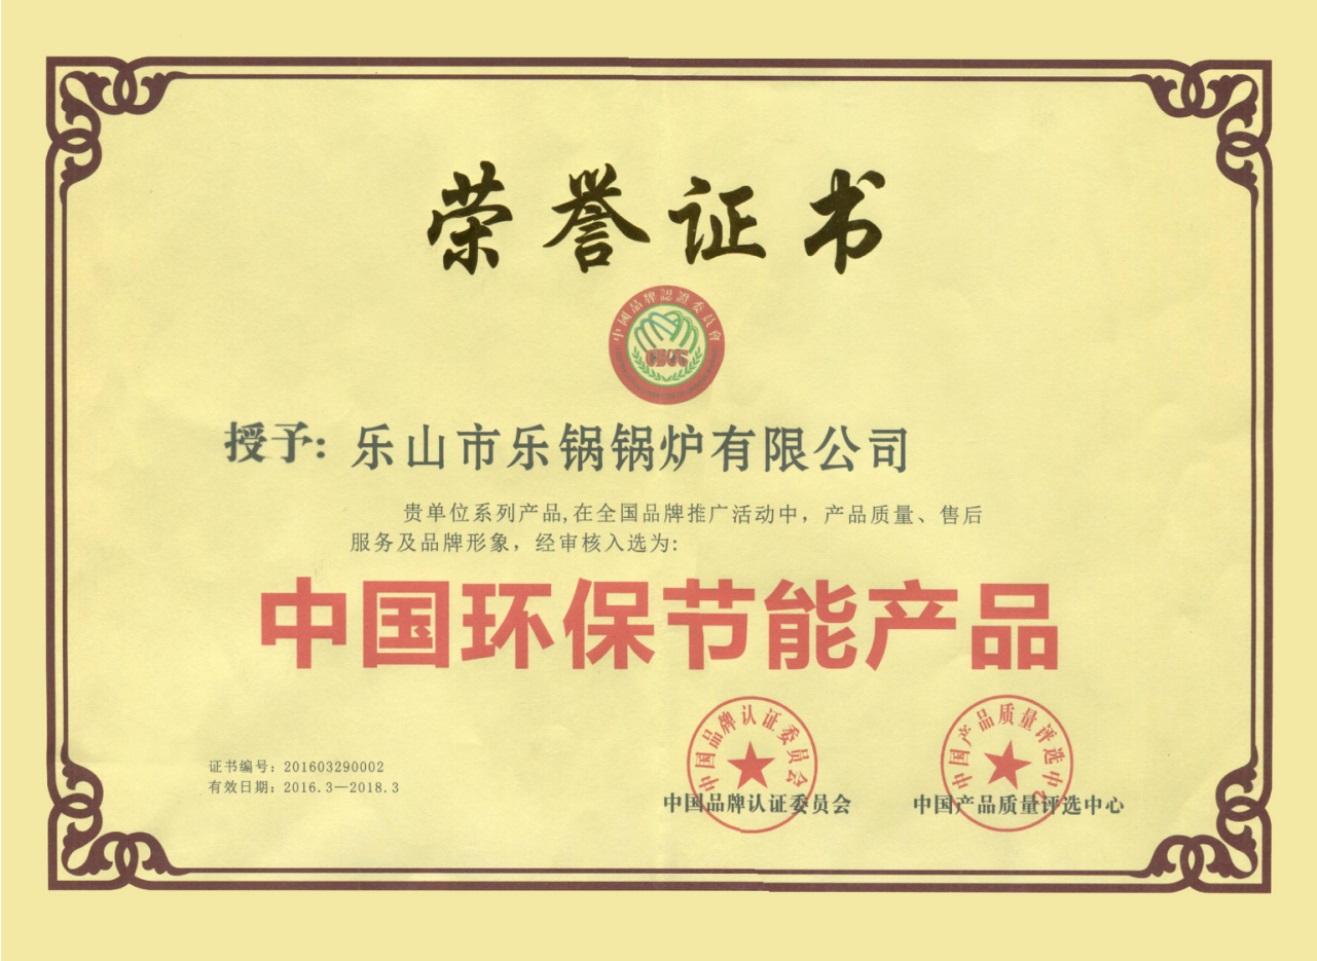 中國環保節能產品